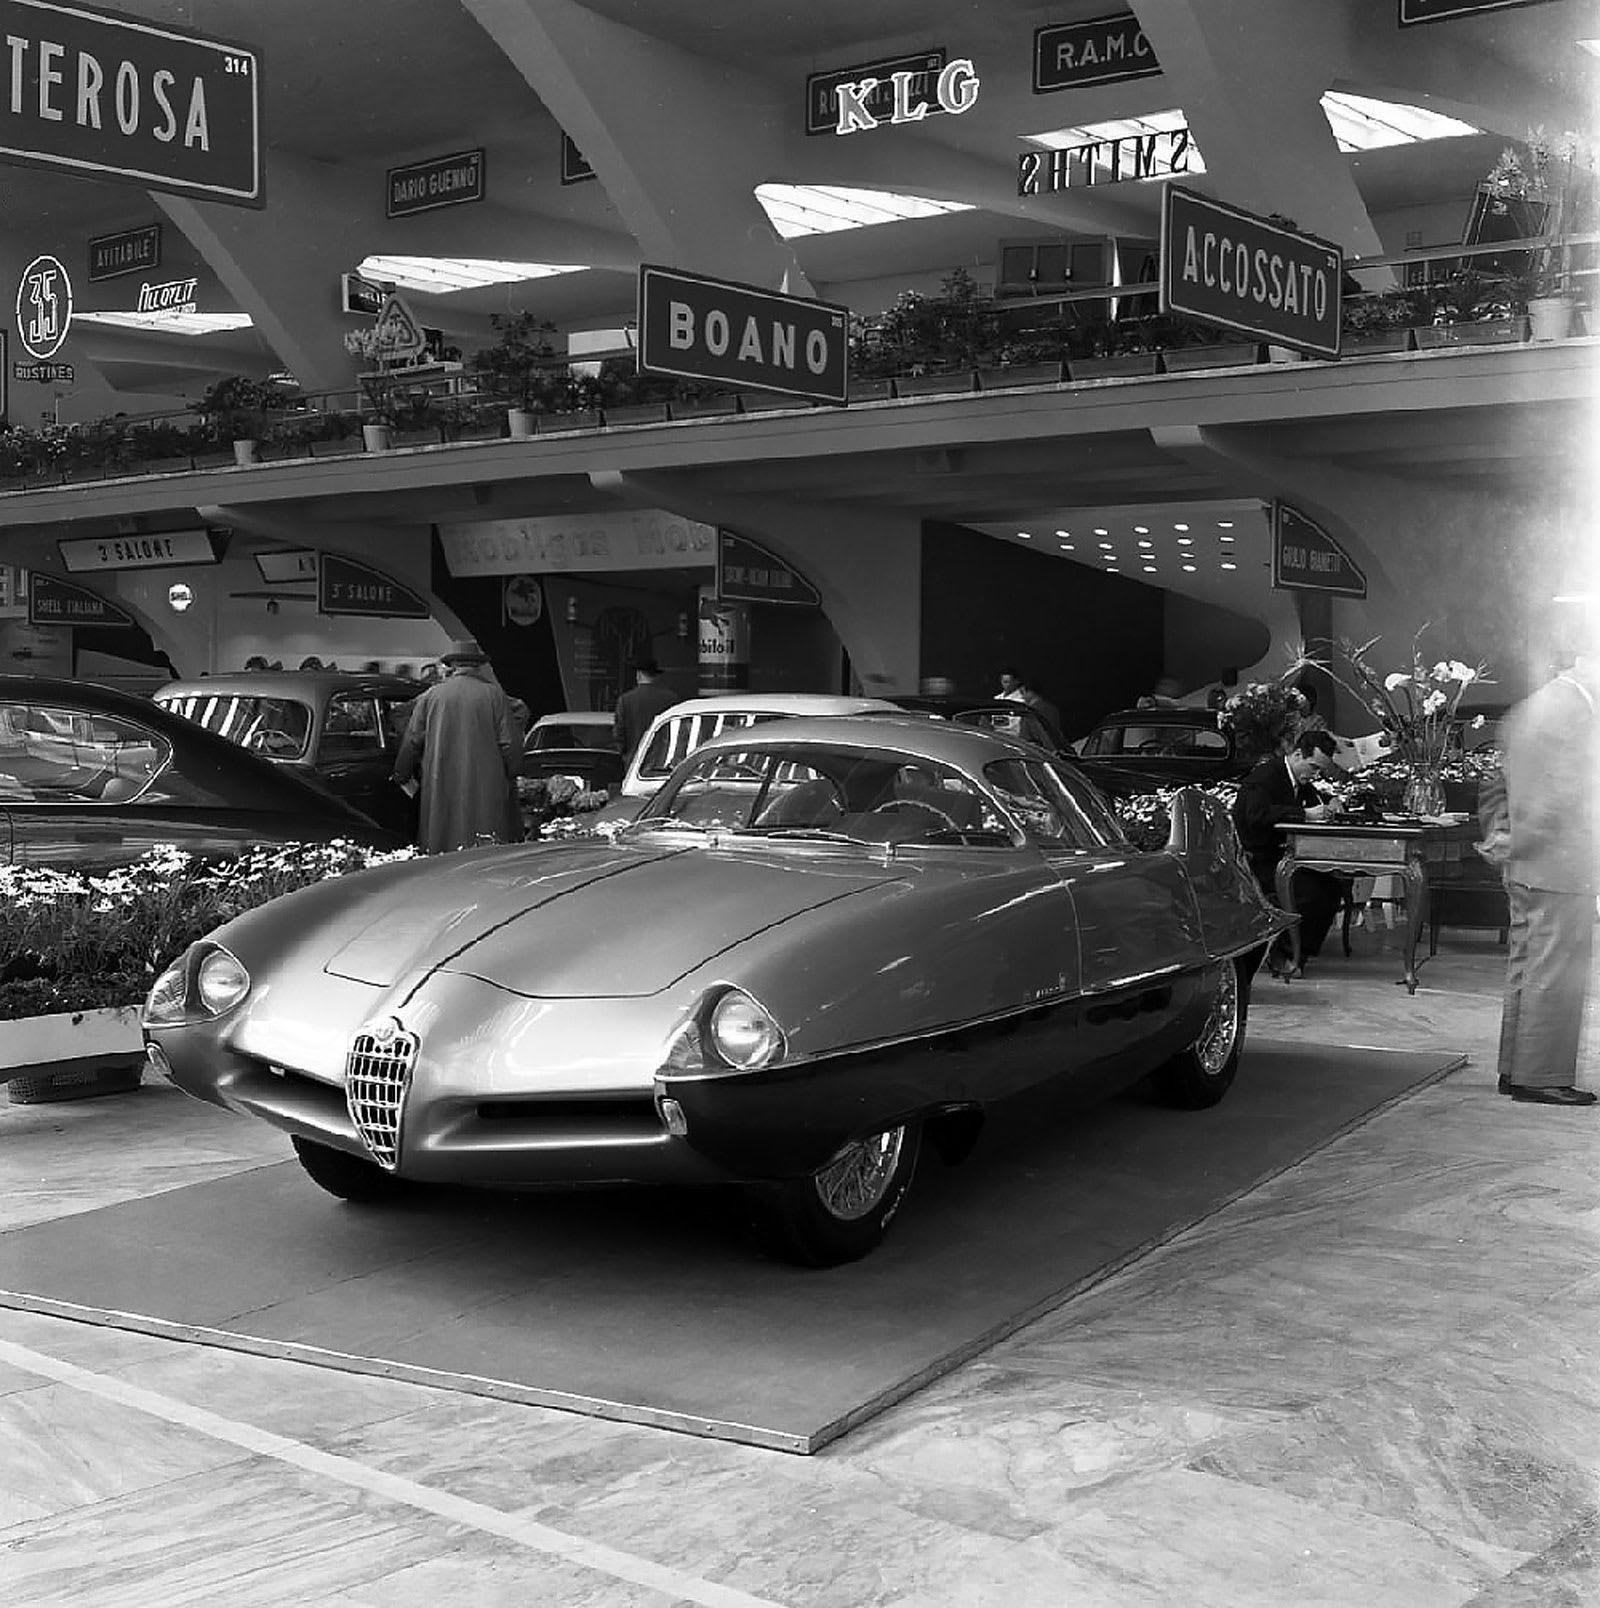 كأنها خرجت من أفلام الخيال.. هذه السيارات معروضة للبيع وقد يصل سعرها لـ20 مليون دولار